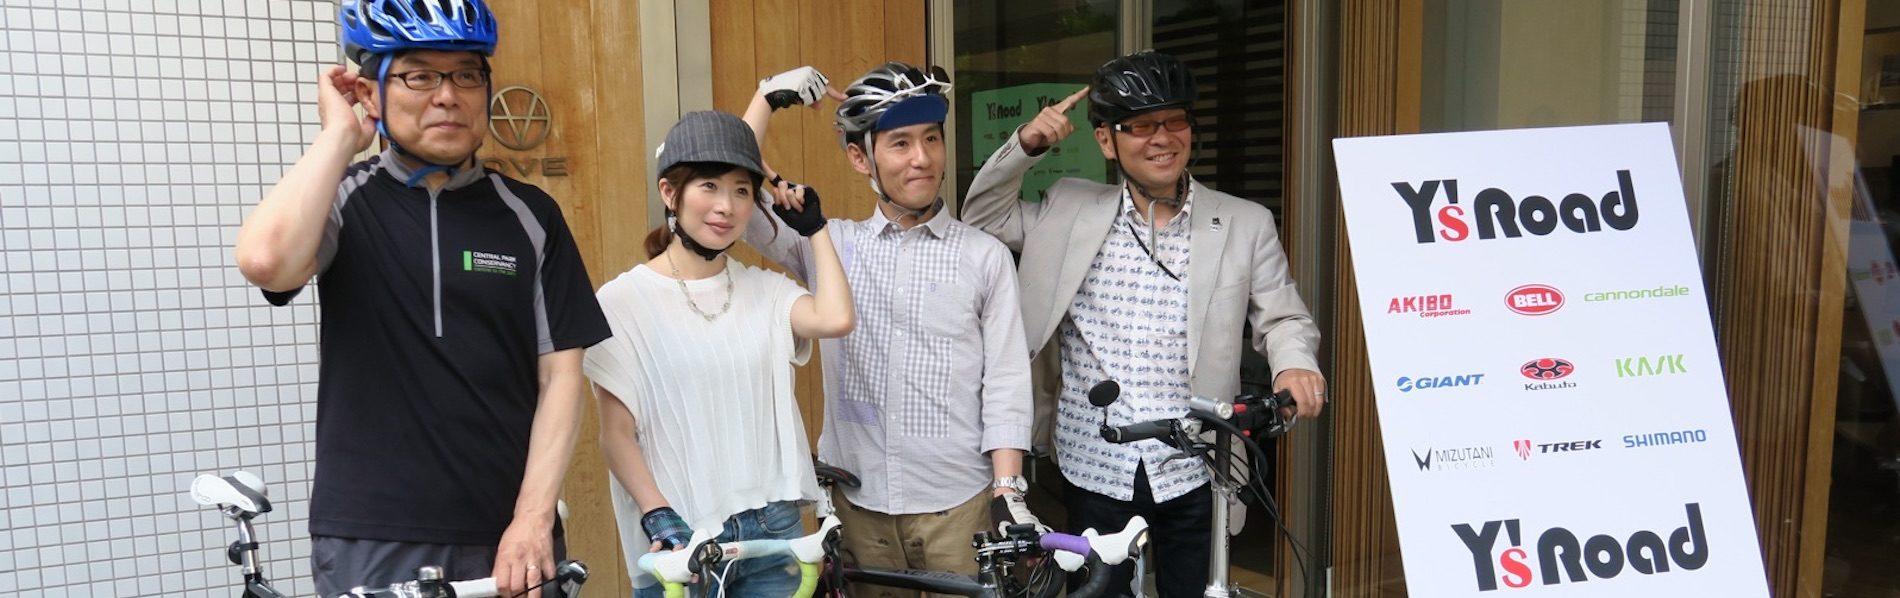 ヘルメット委員会の4人メンバー